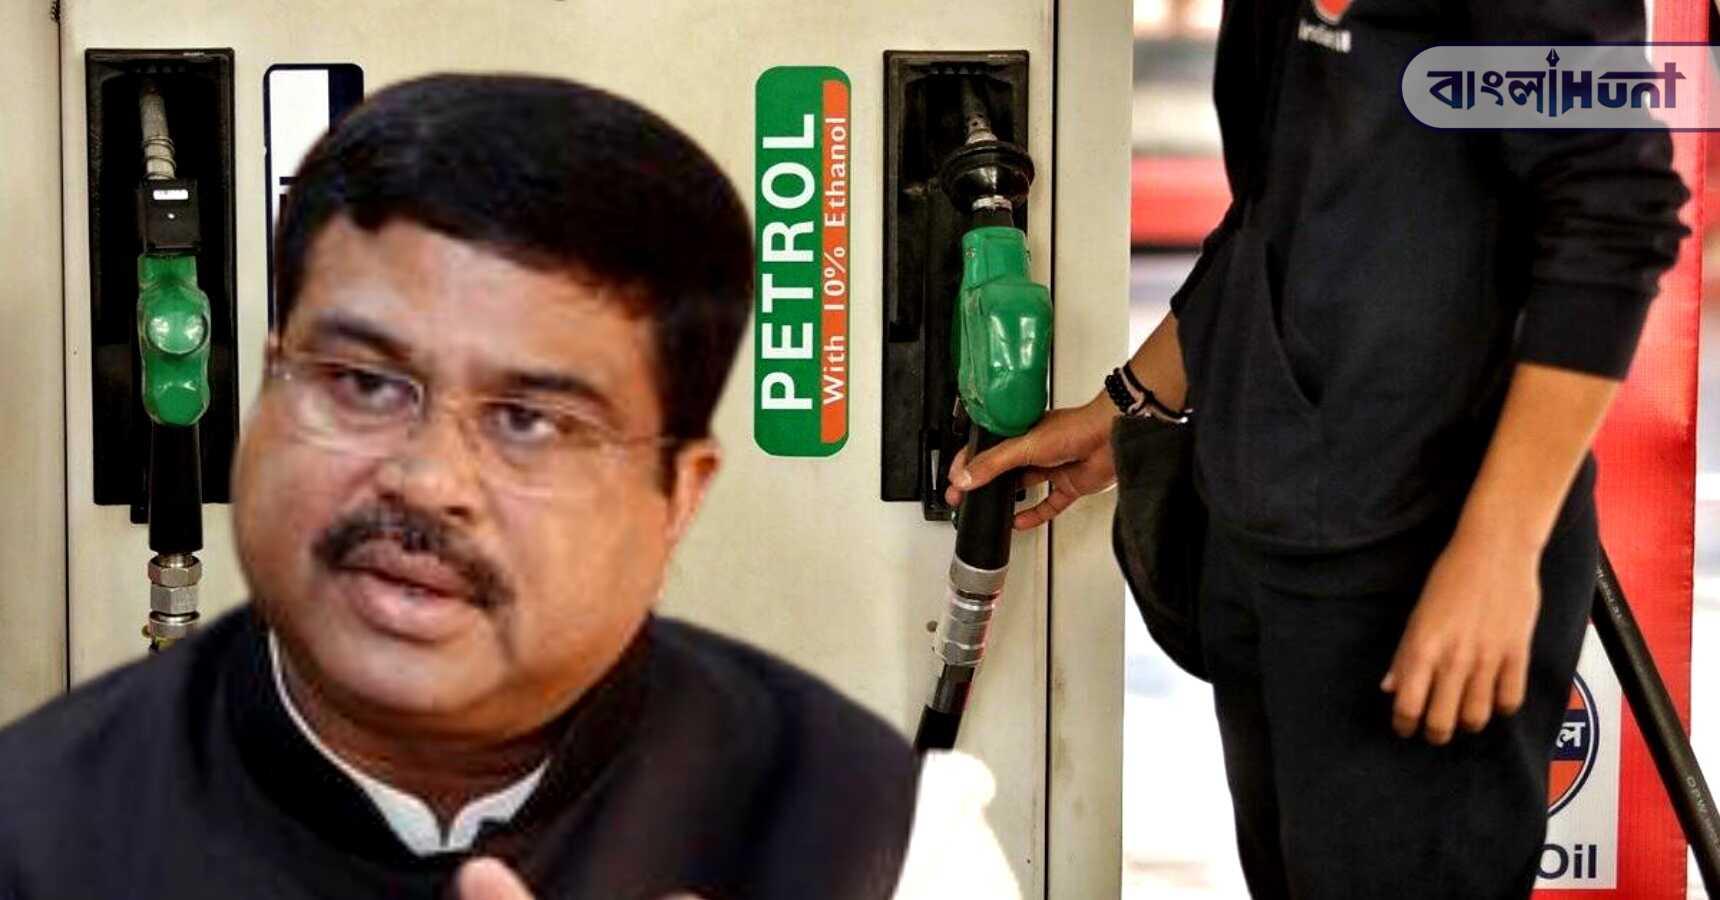 Petrol-diesel may be brought under GST: Dharmendra Pradhan